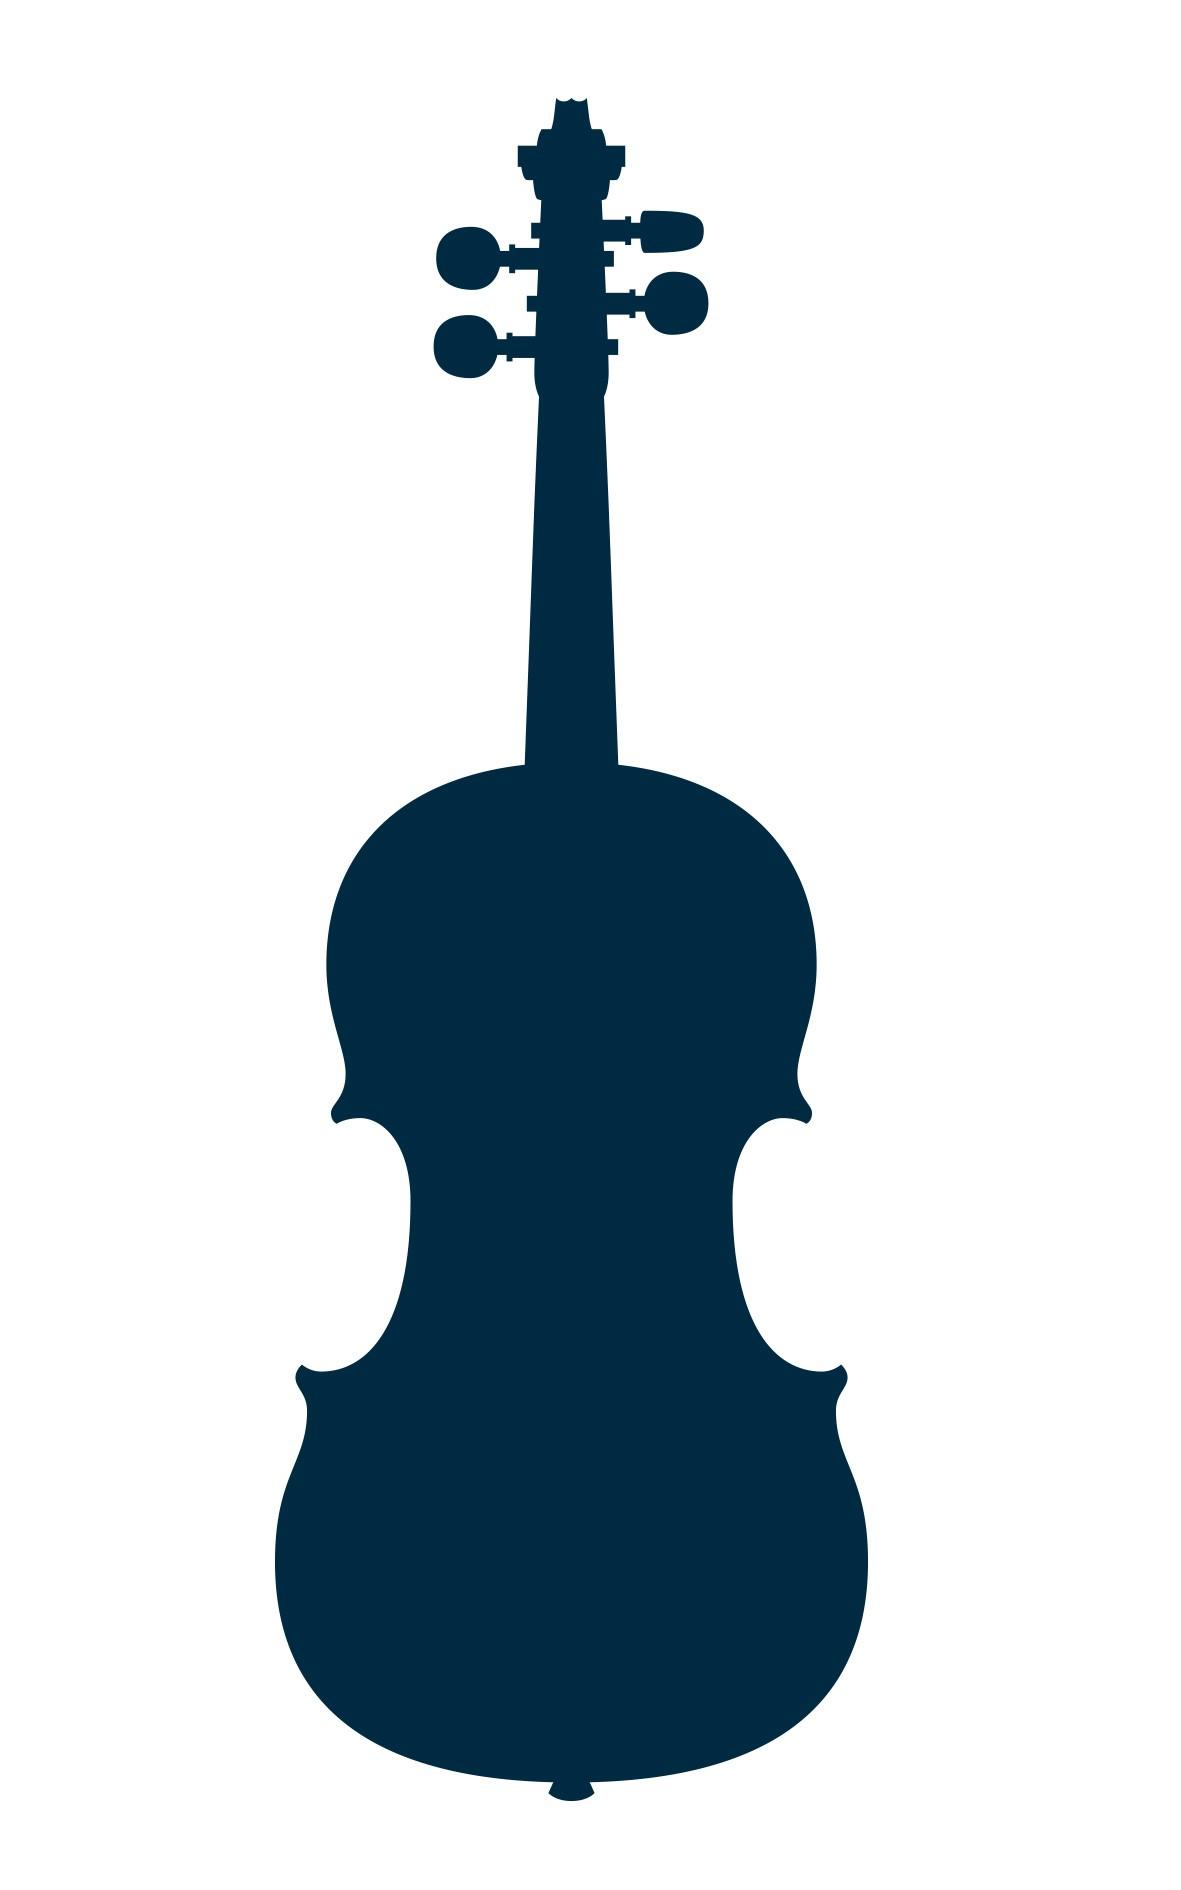 violin by Josef Bitterer - top